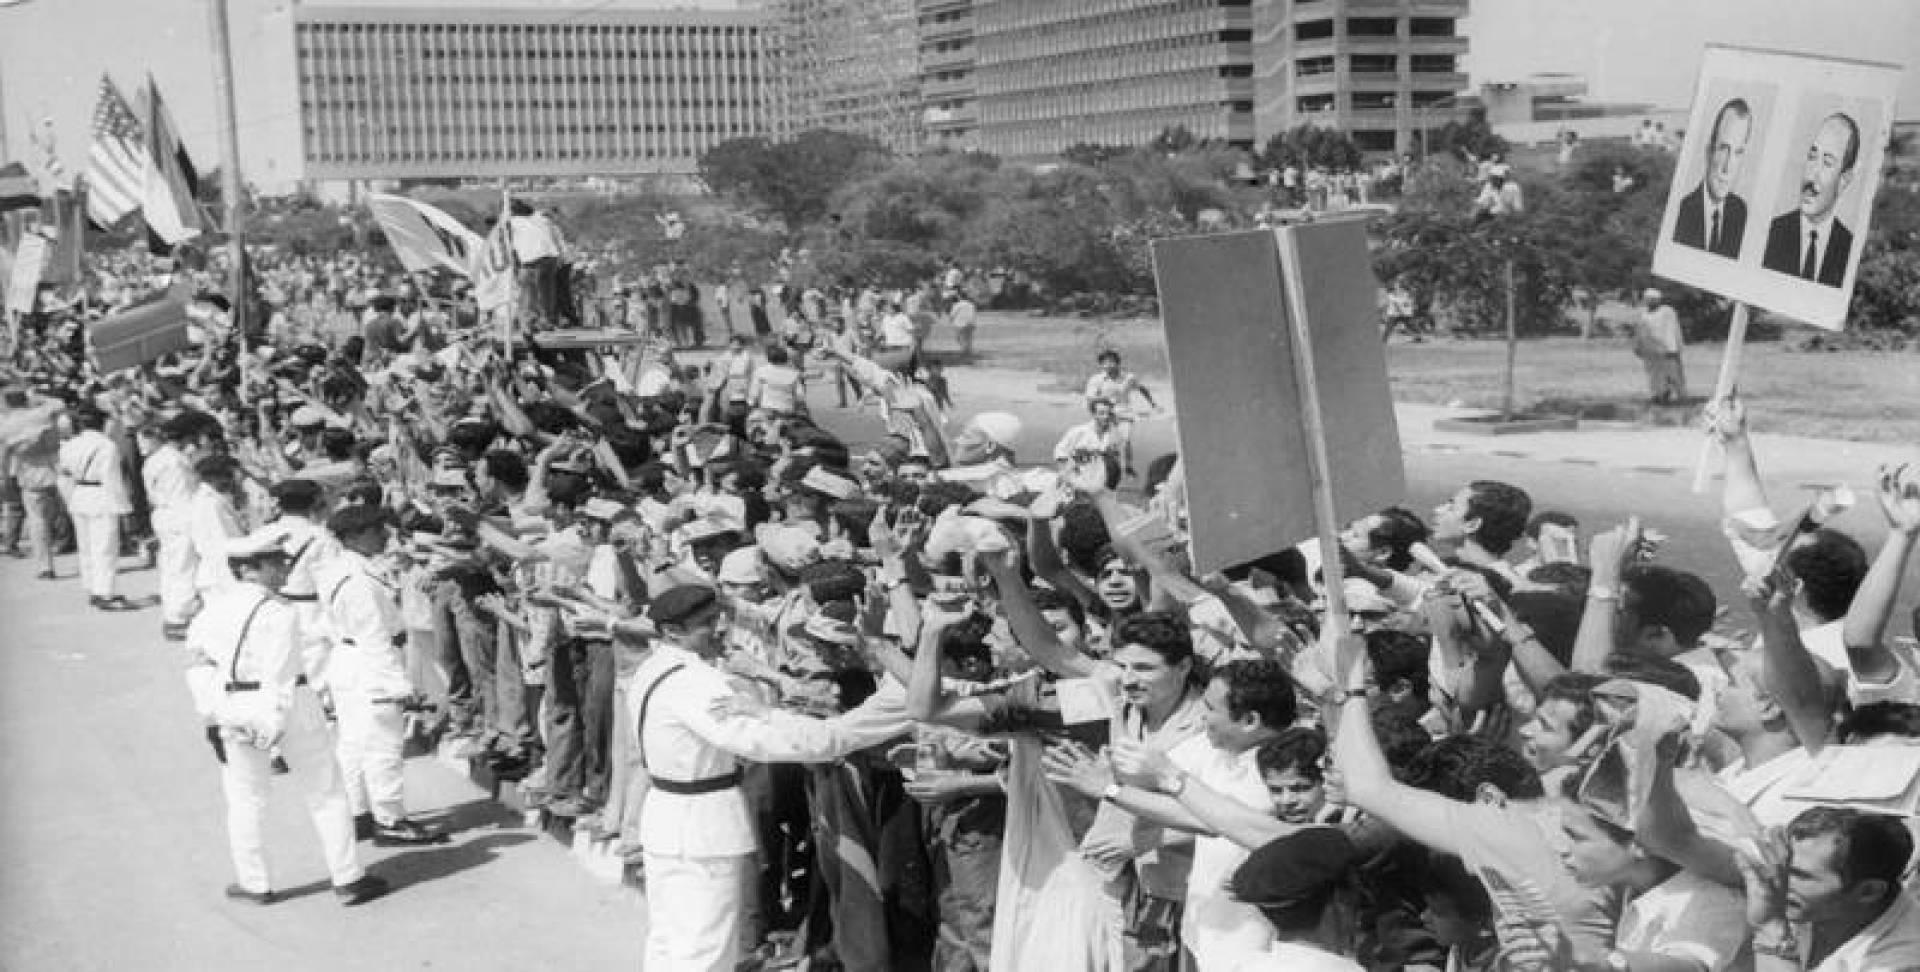 1974| على طول الطريق من القاهرة إلى الإسكندرية.. رأى نيكسون ما لم يره من ترحاب